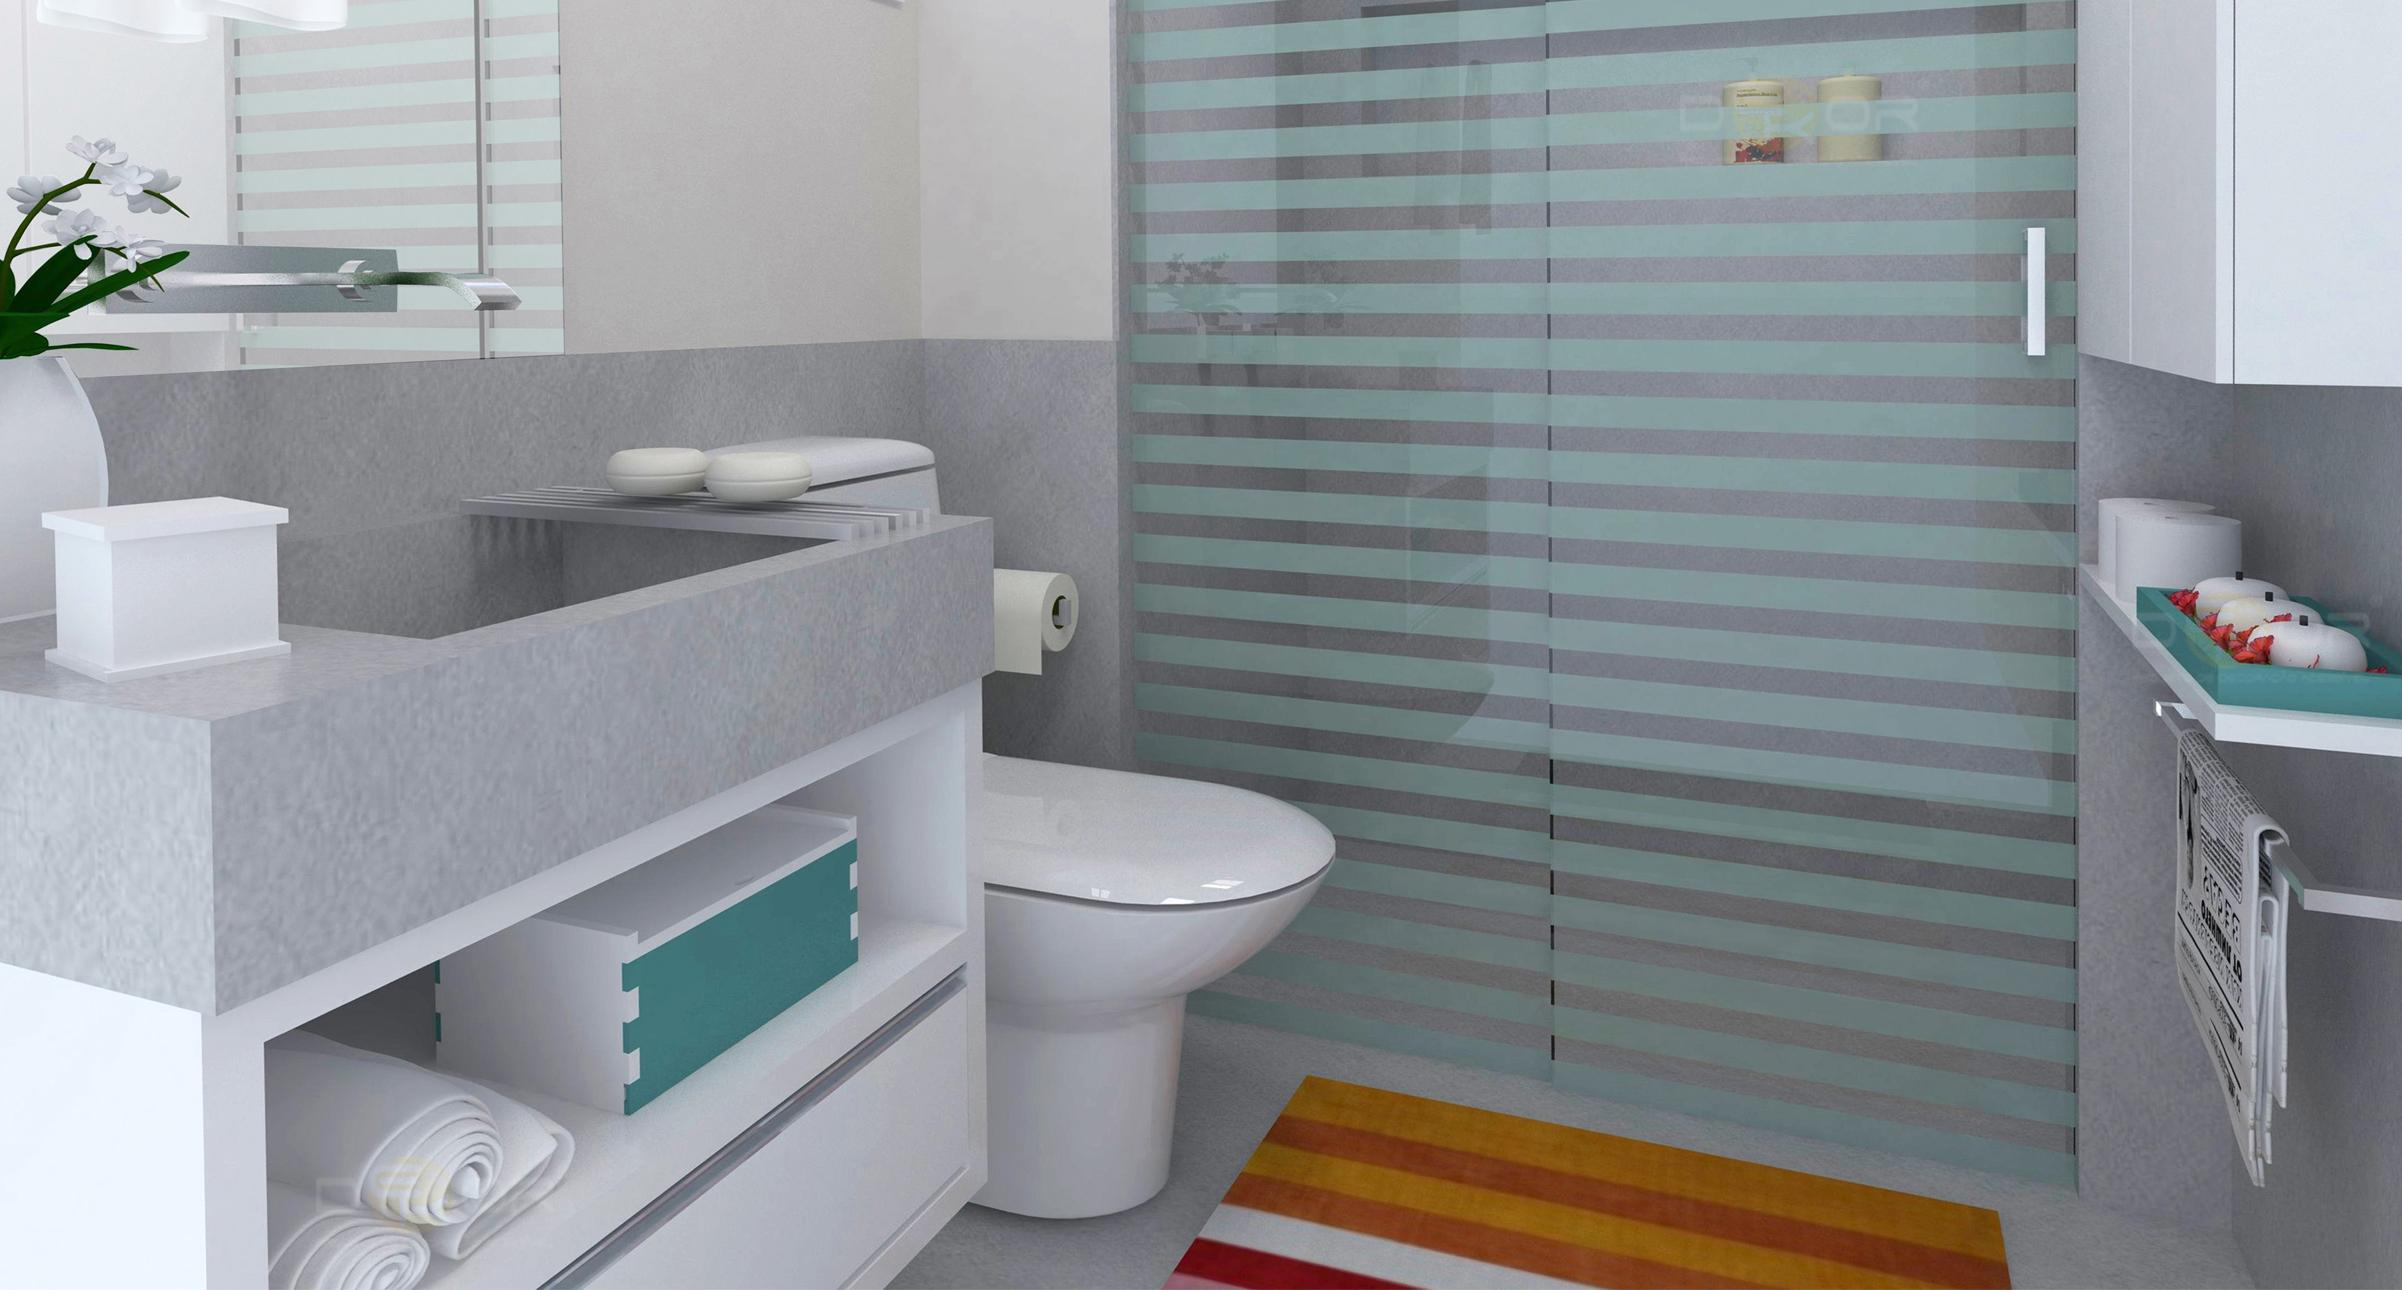 projeto de banheiro decorac3a7c3a3o online 4.jpg #773D13 2402 1290